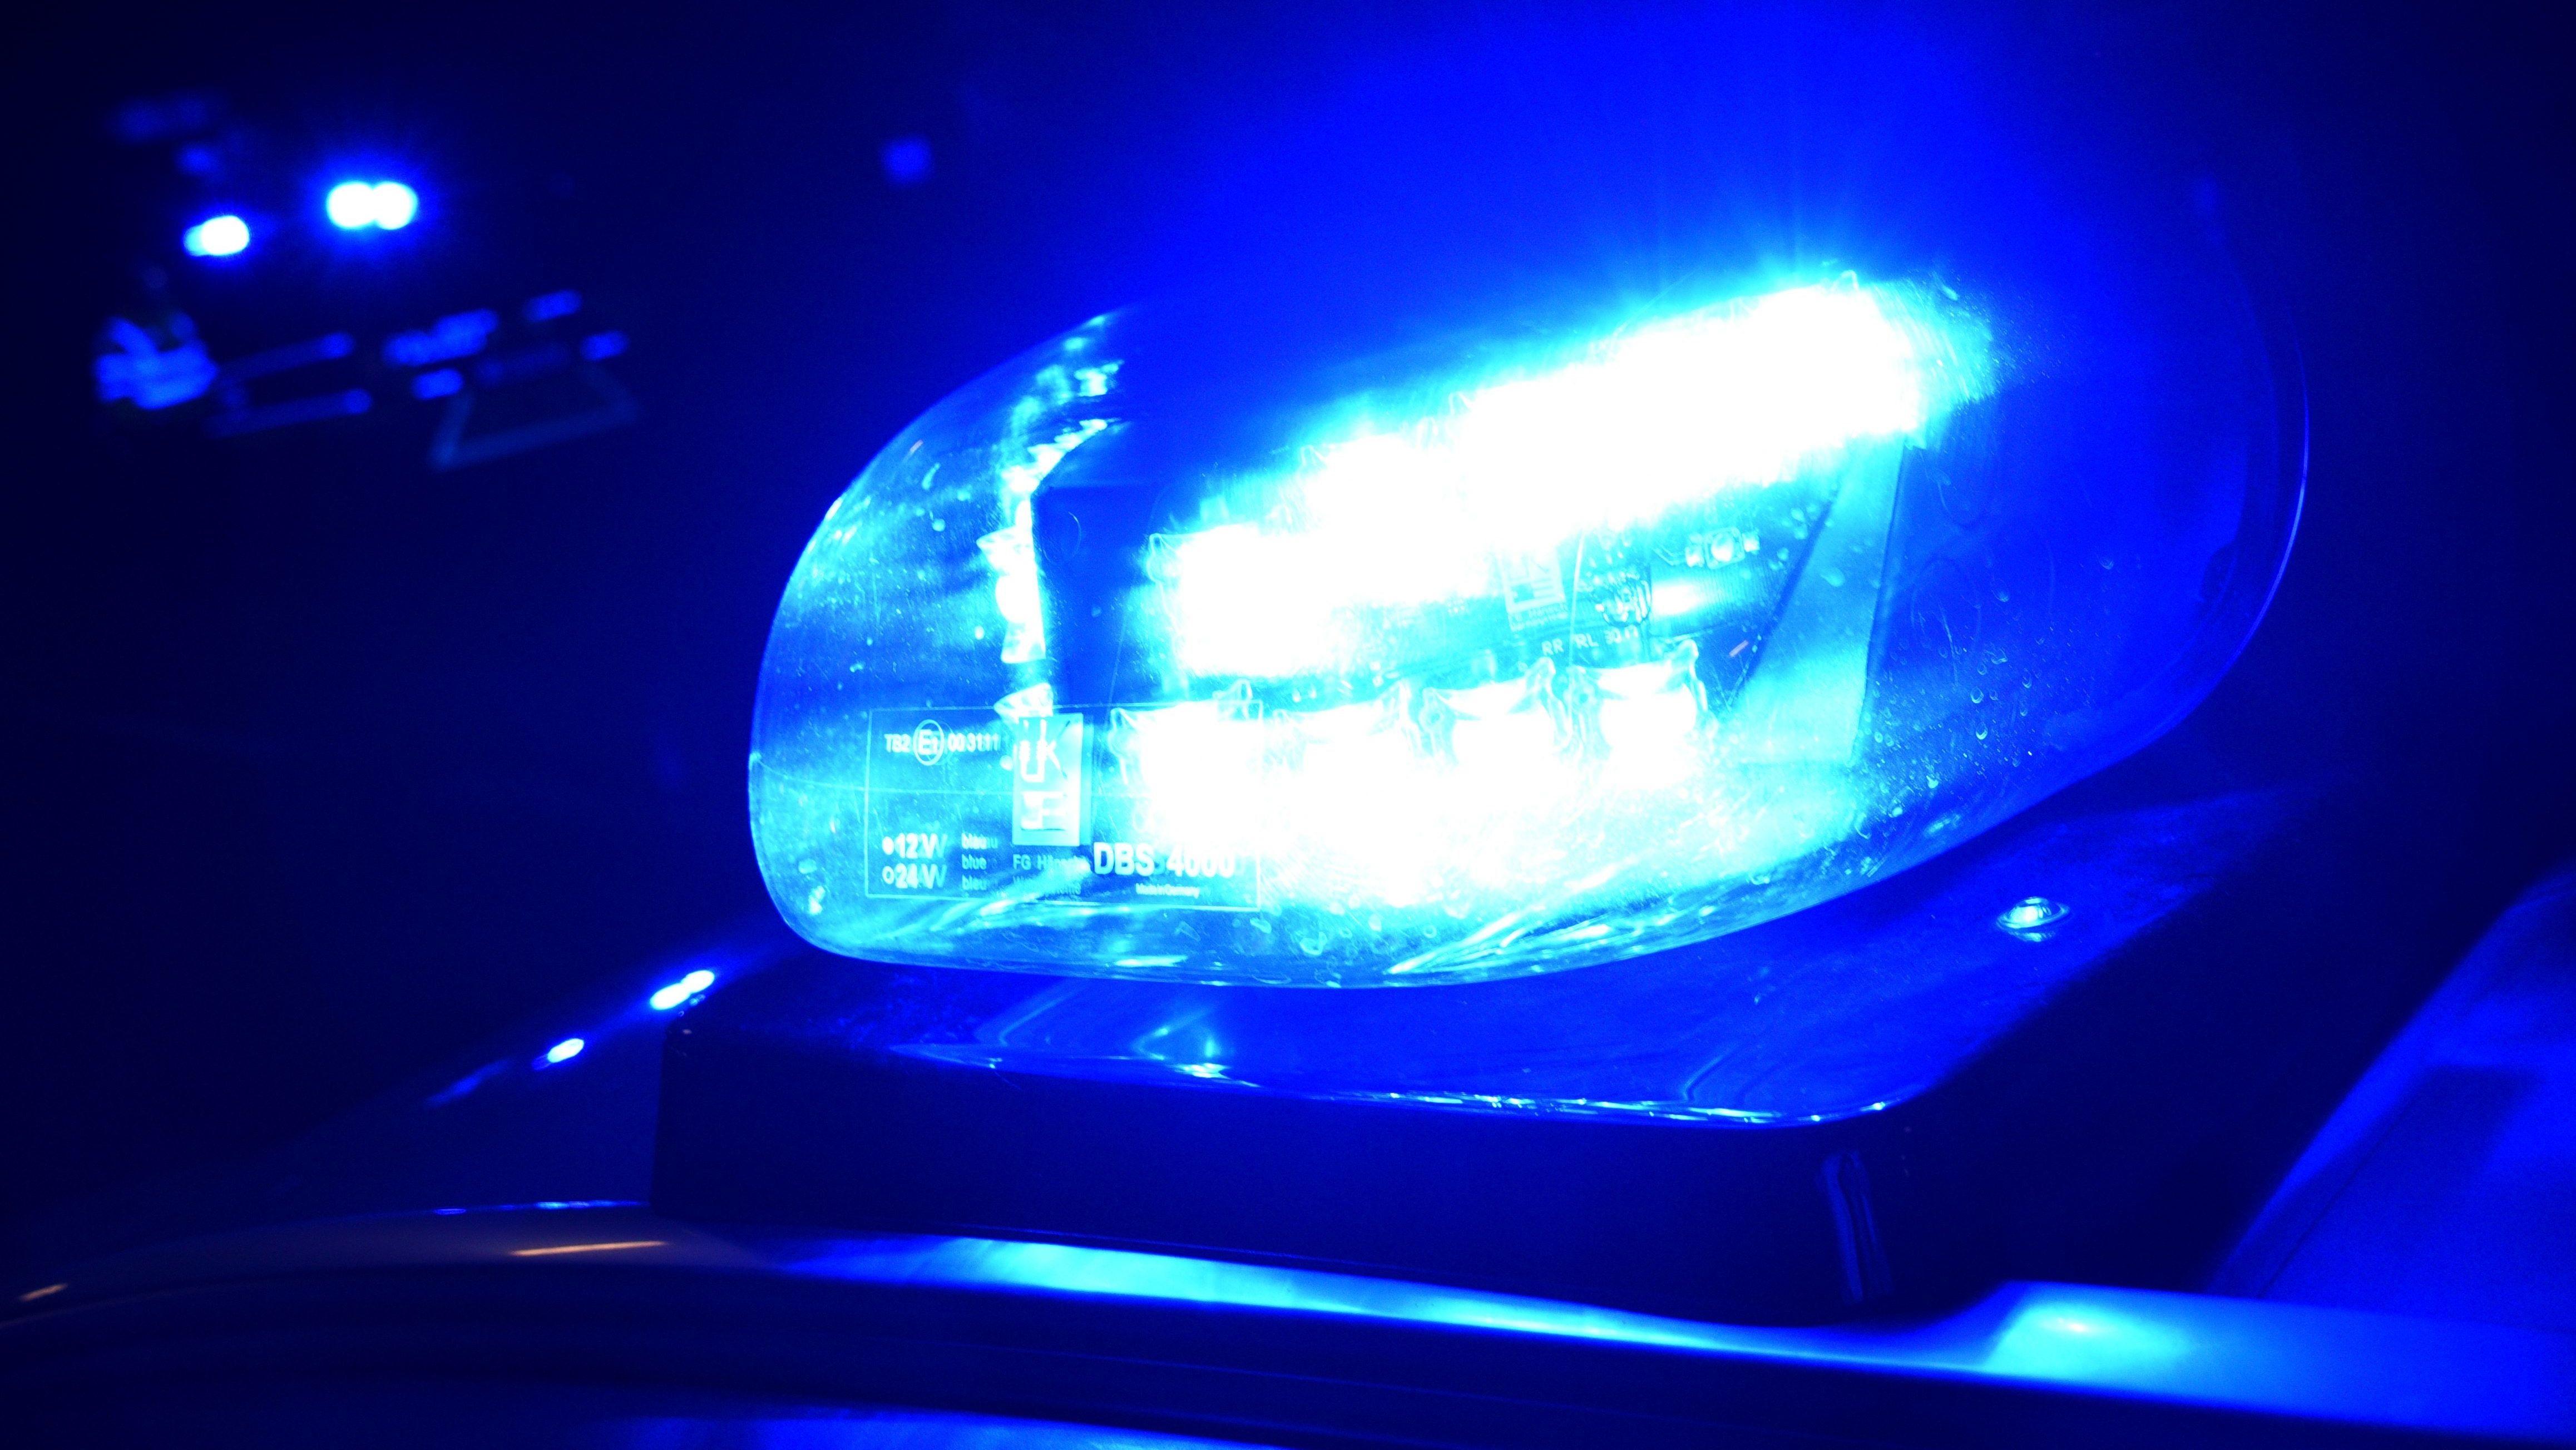 Blaulicht leuchtet auf einem Fahrzeug der Polizei (Symbolbild).